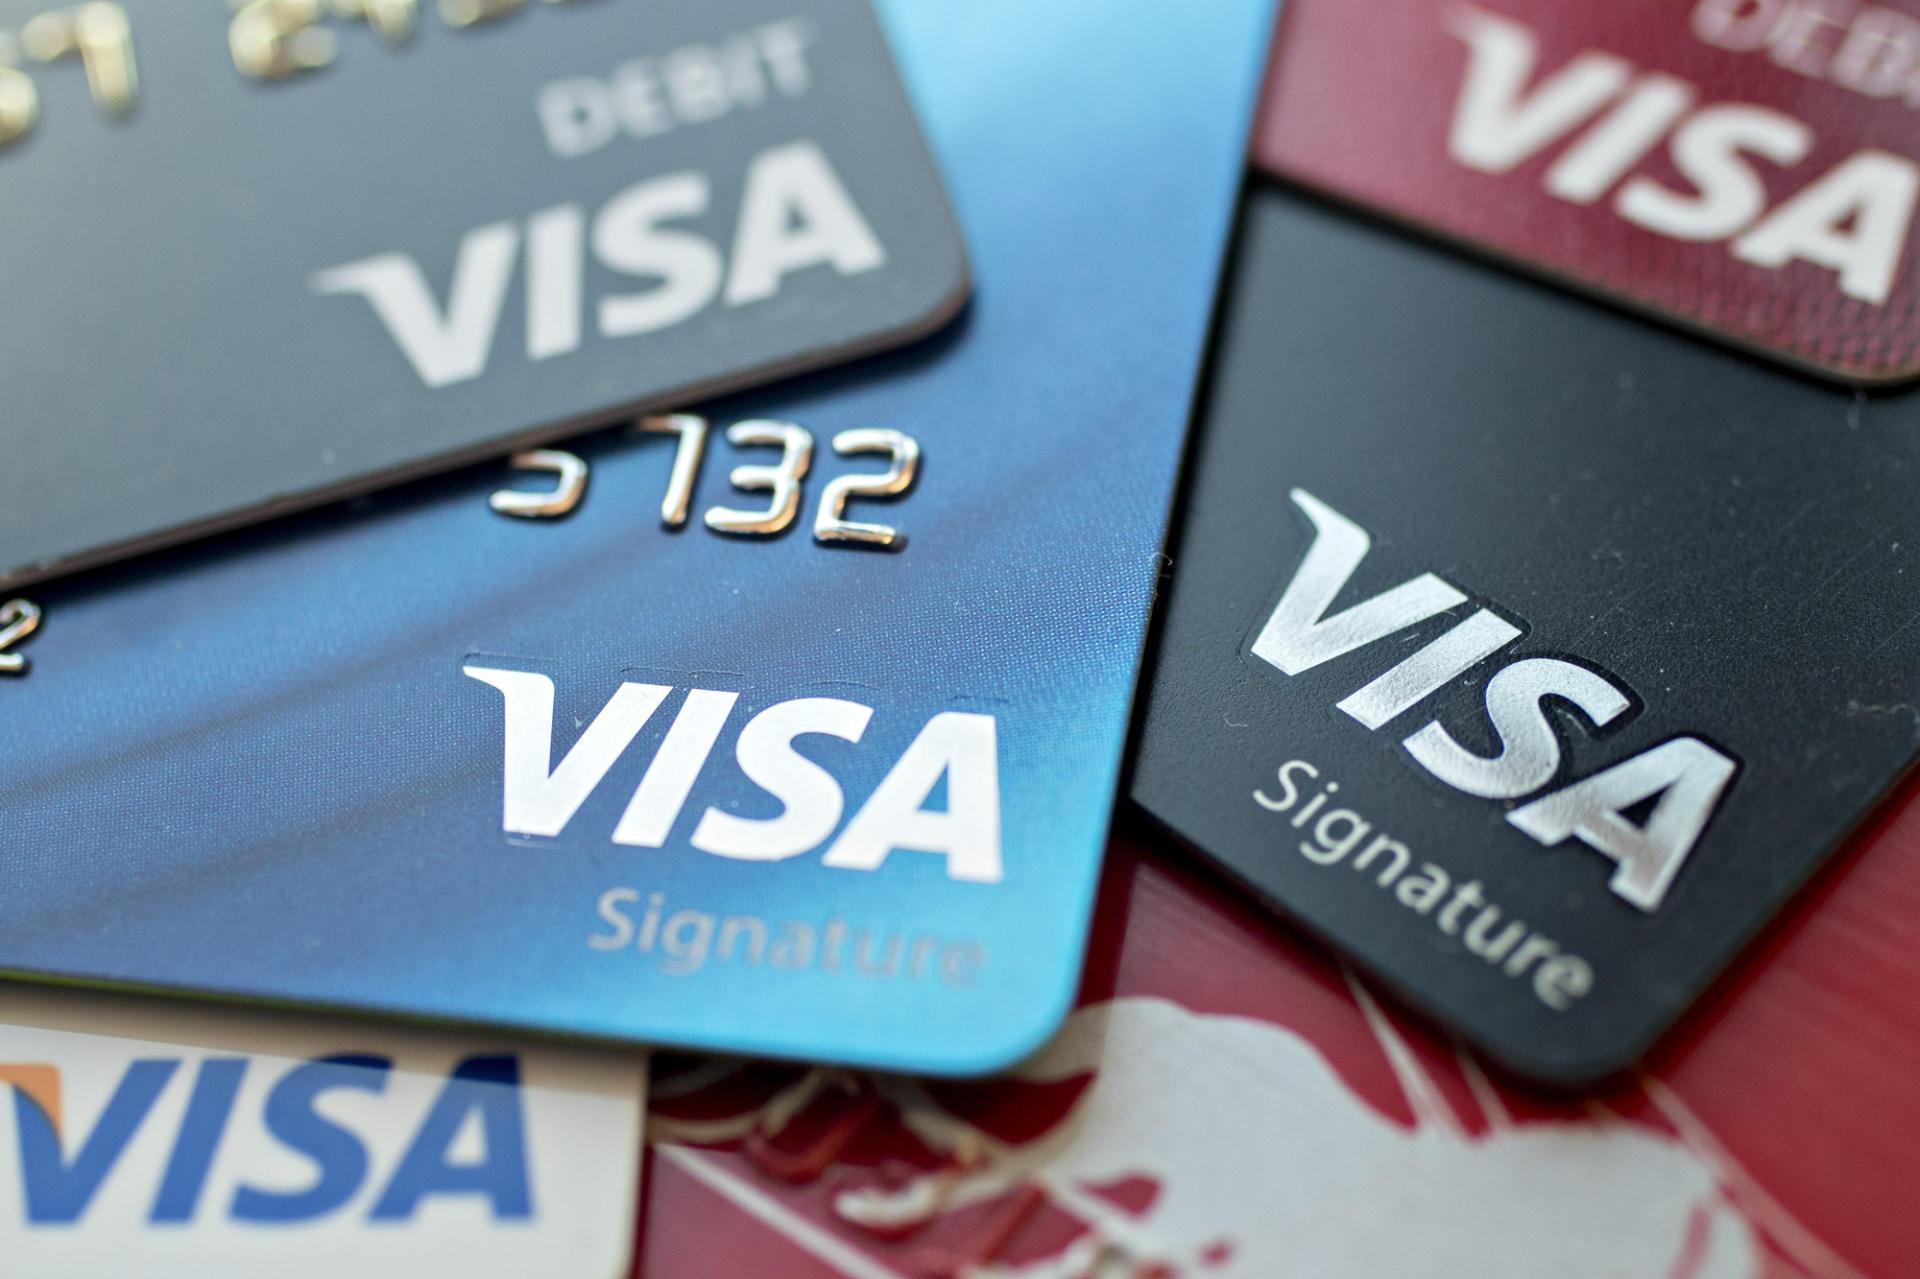 Visa и Центральный банк Азербайджана запустили национальную кампанию «Платите мобильным приложением с Visa» для продвижения мобильных платежей